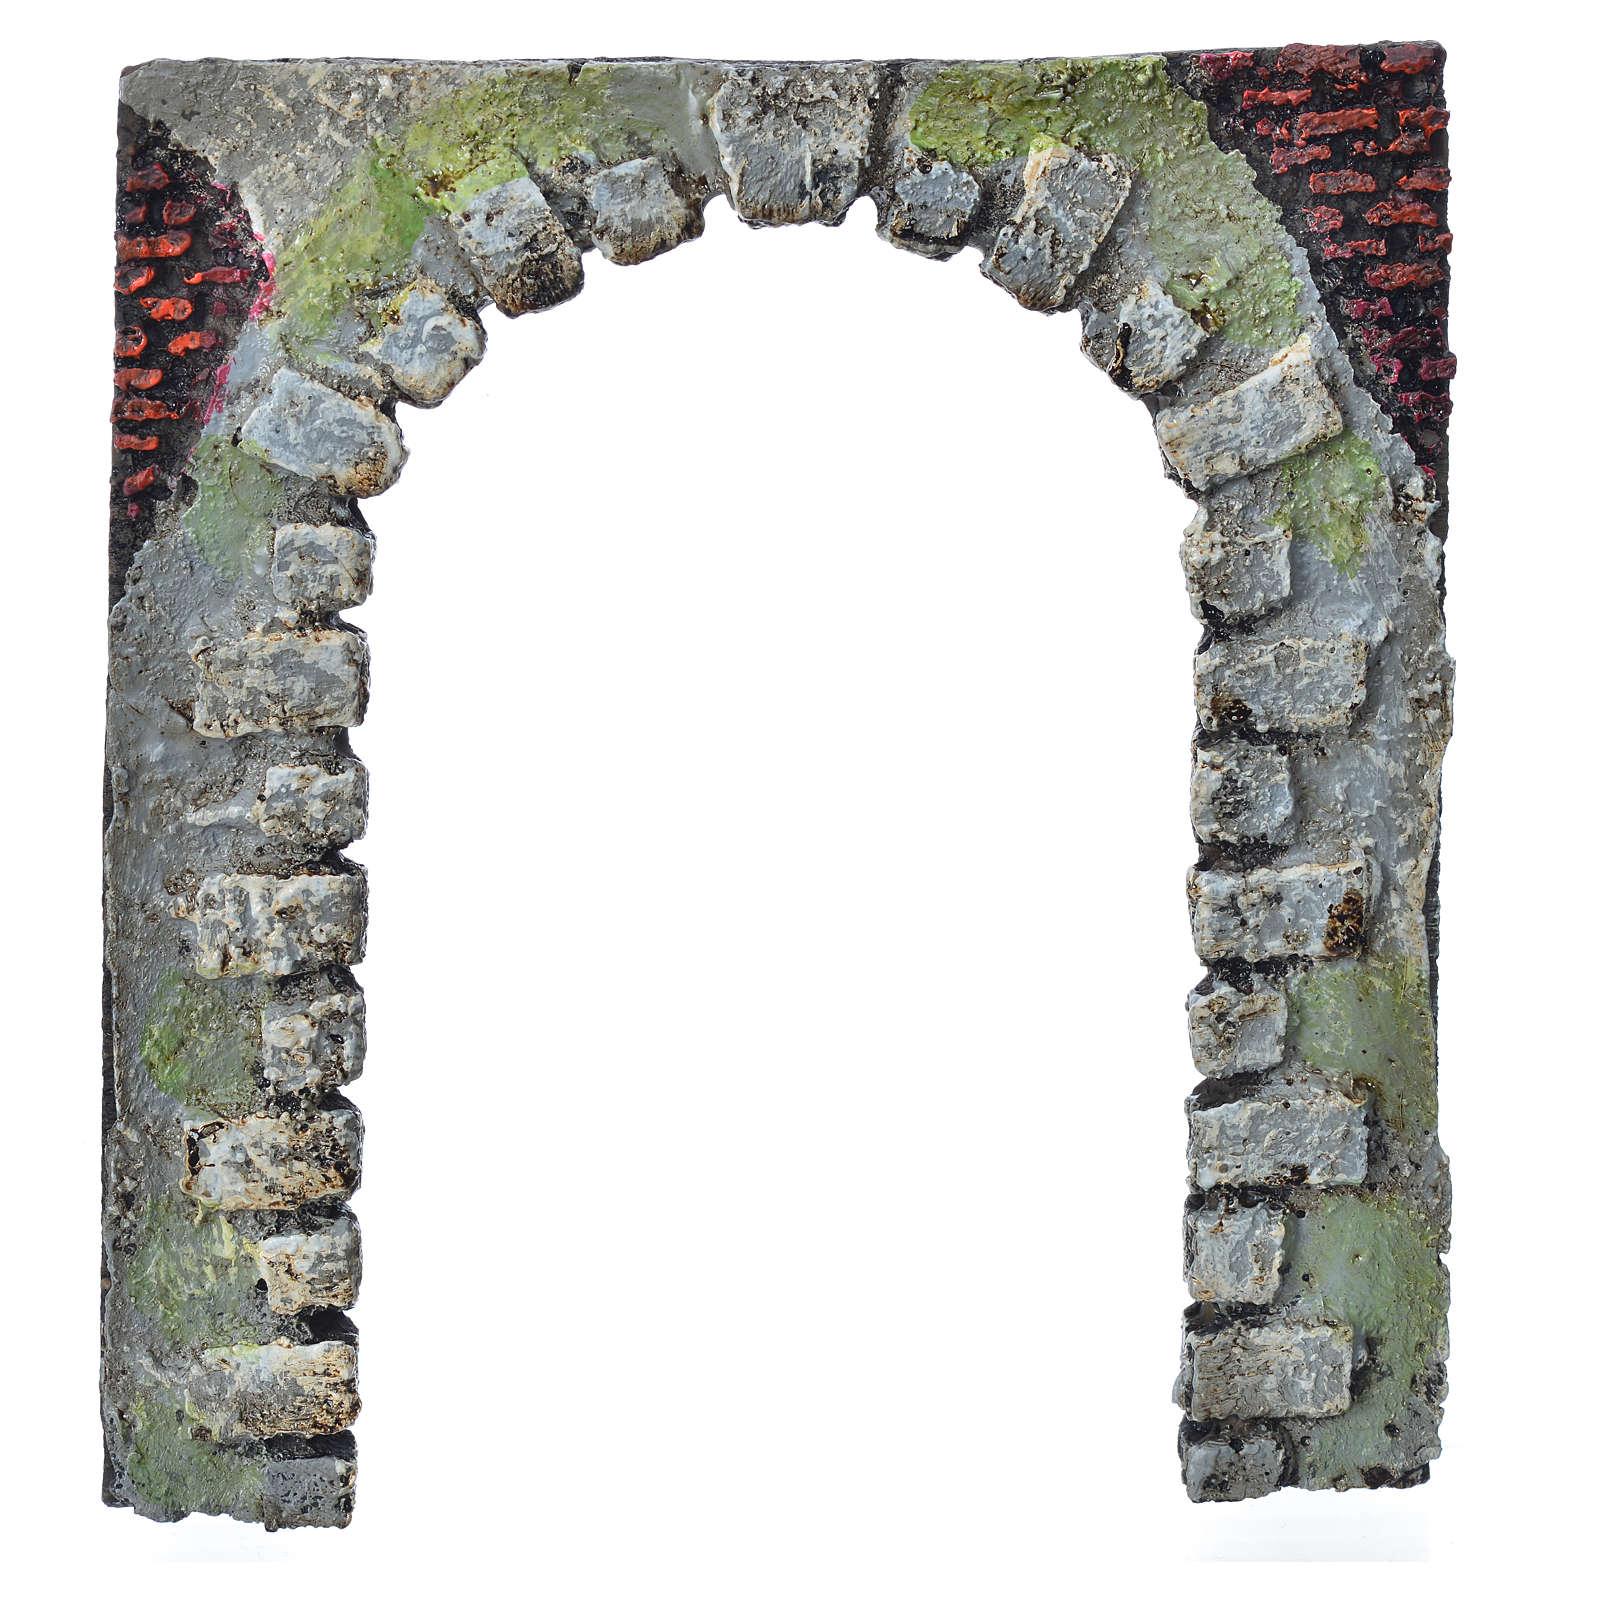 Porte-arc décoratif crèche de noël 16 cm (modèles assortis) 4